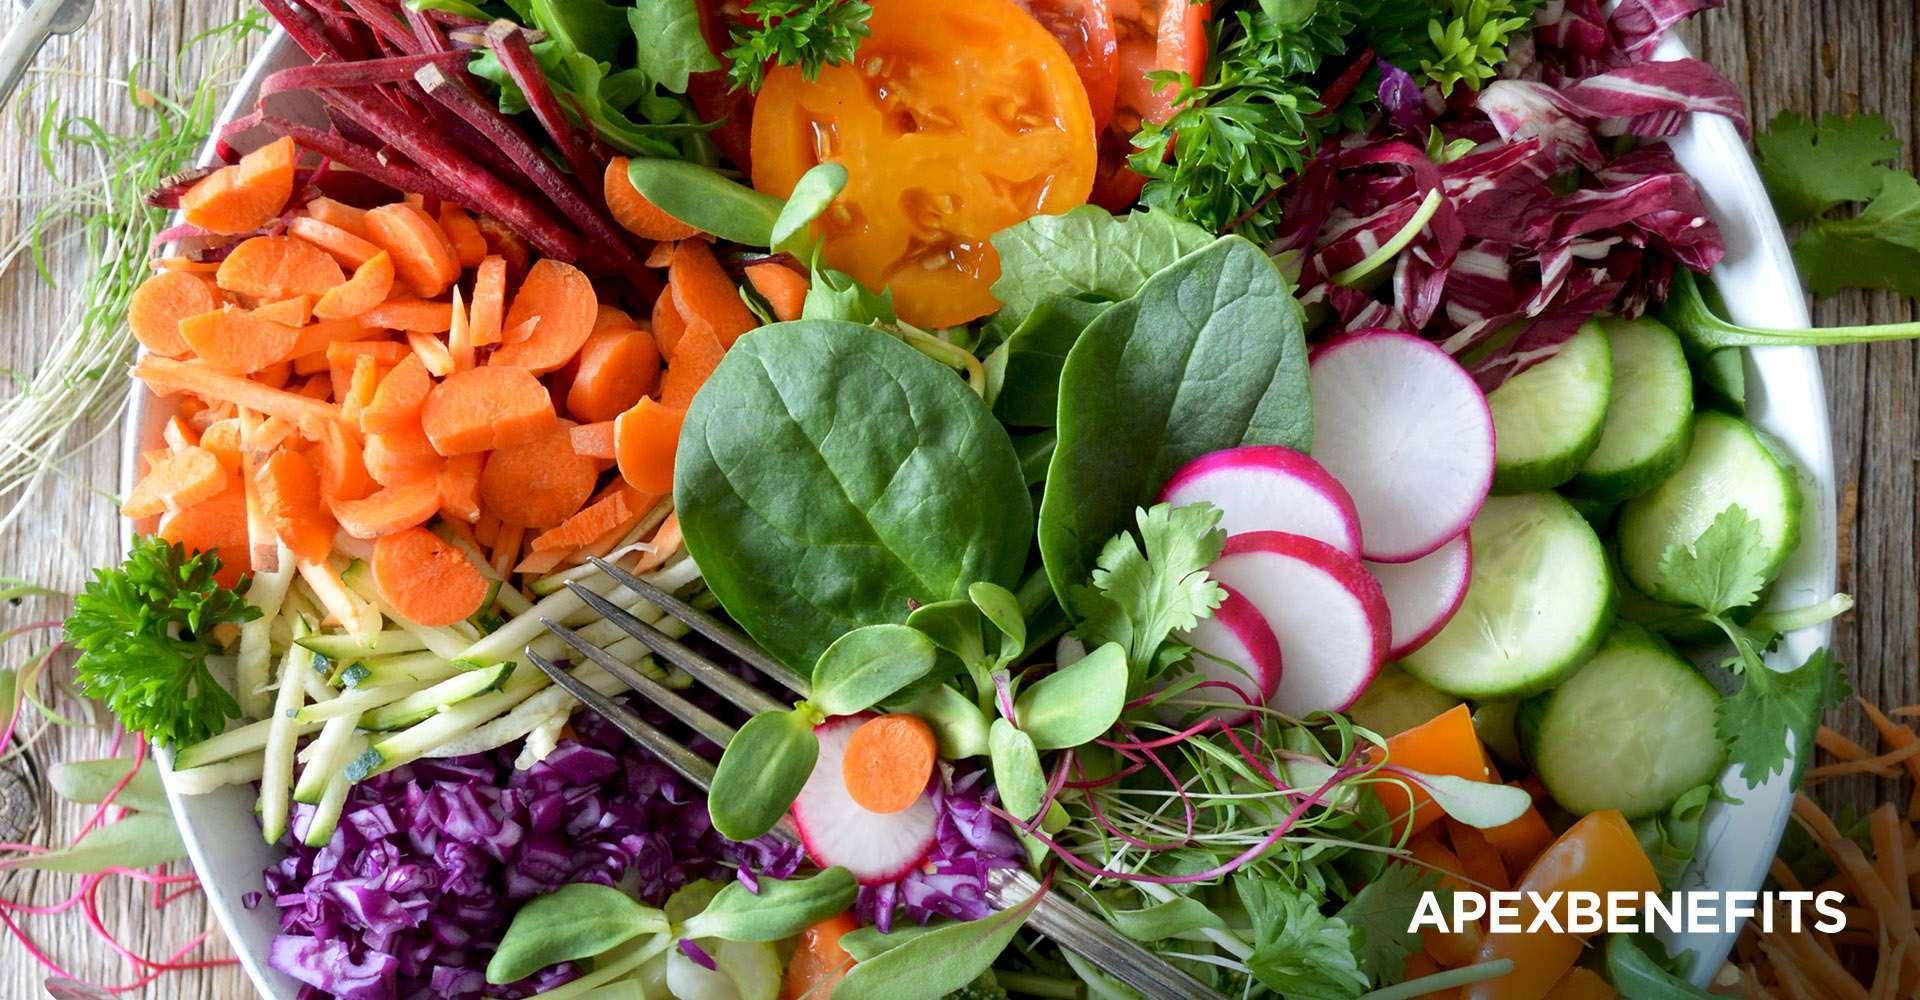 Wellness Wednesday: Build a Better Salad!